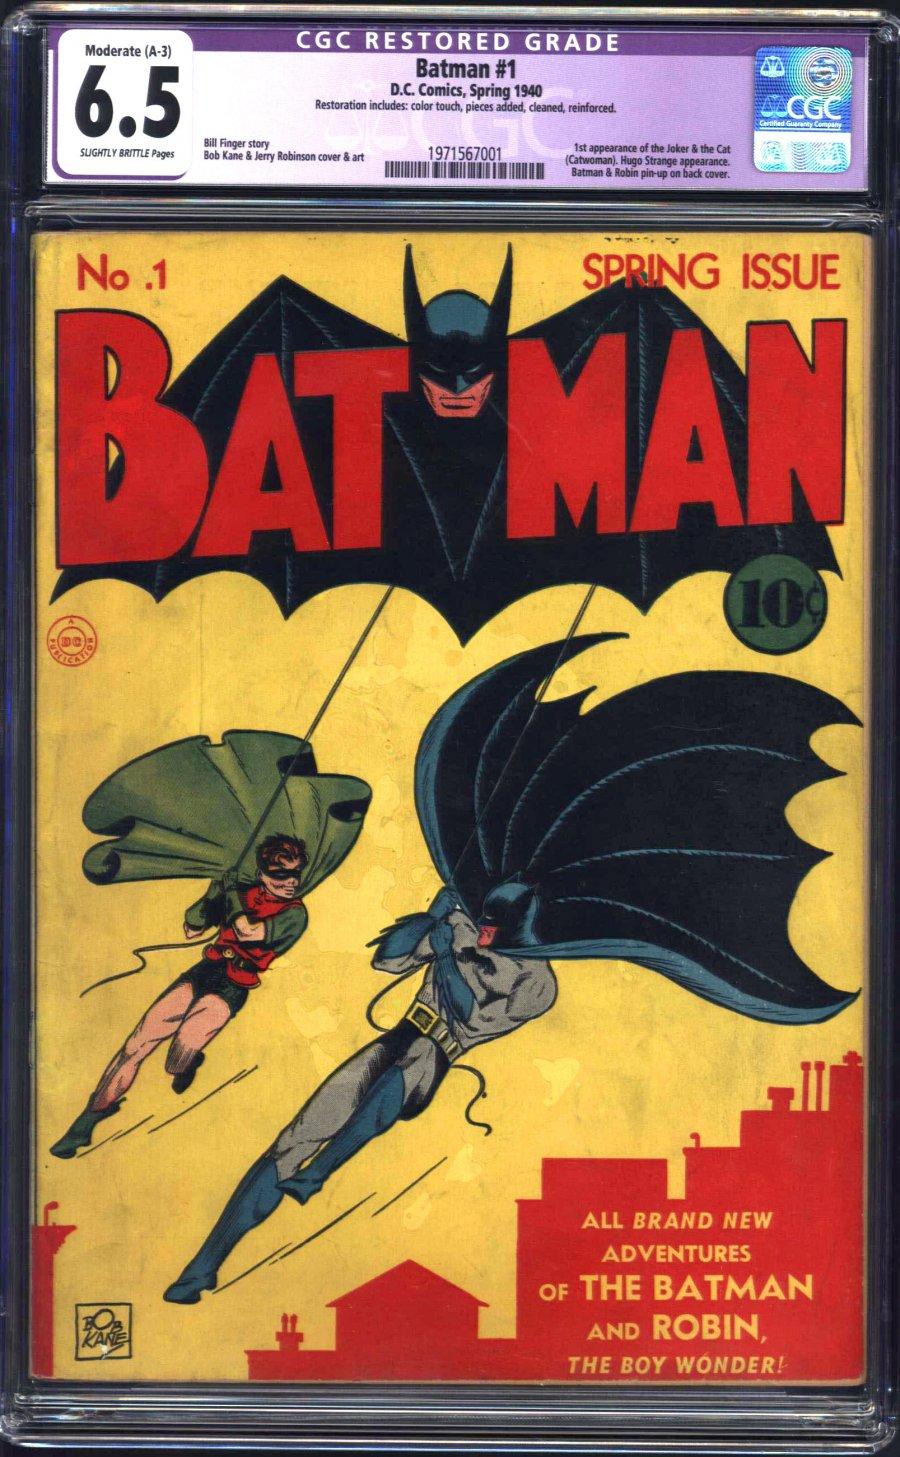 bat1.19464_1.jpg